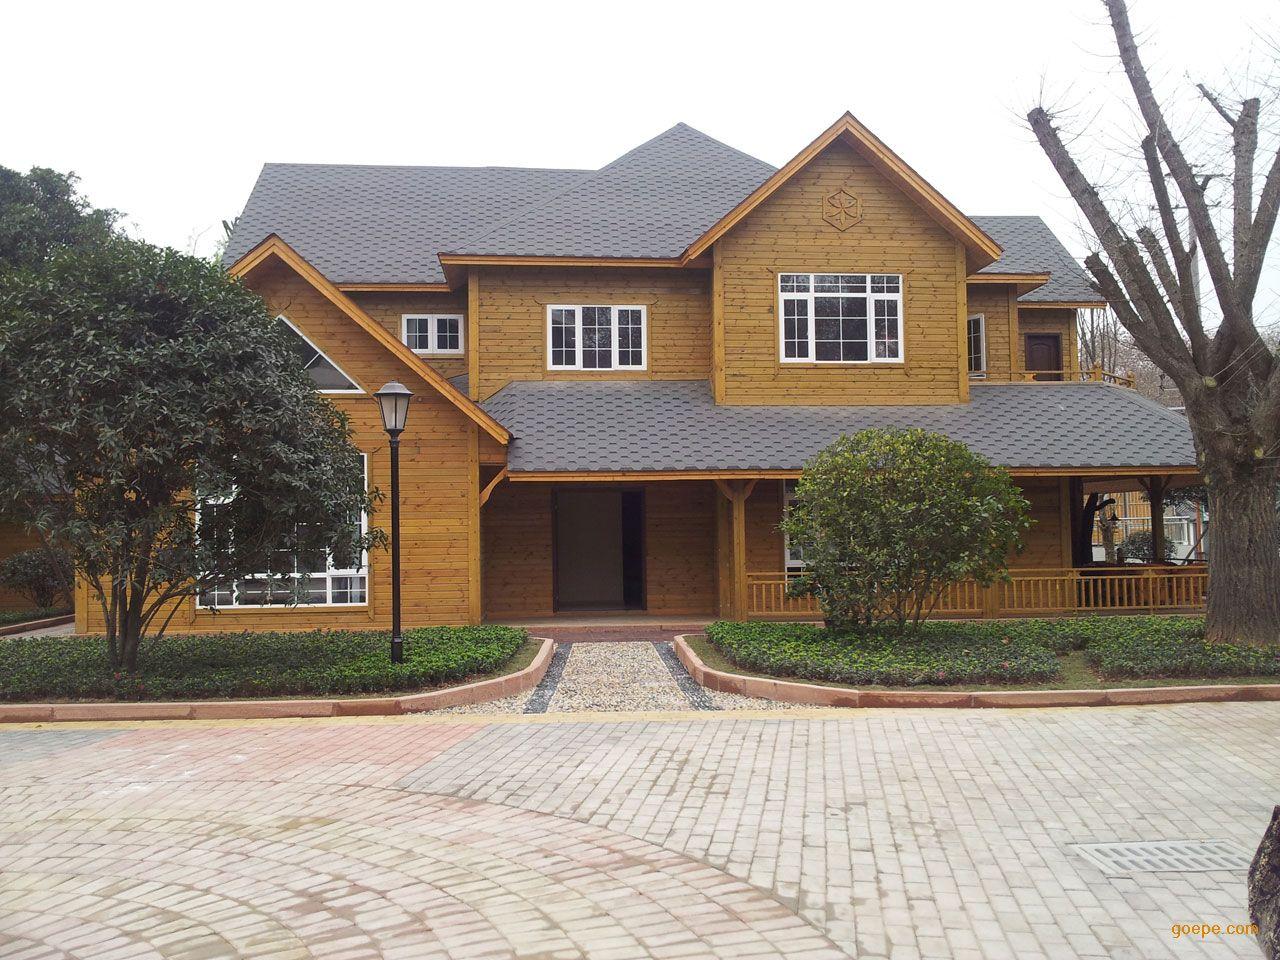 重庆小木屋木屋别墅树屋吊脚楼楼顶木屋花园小木屋四合院森林木屋